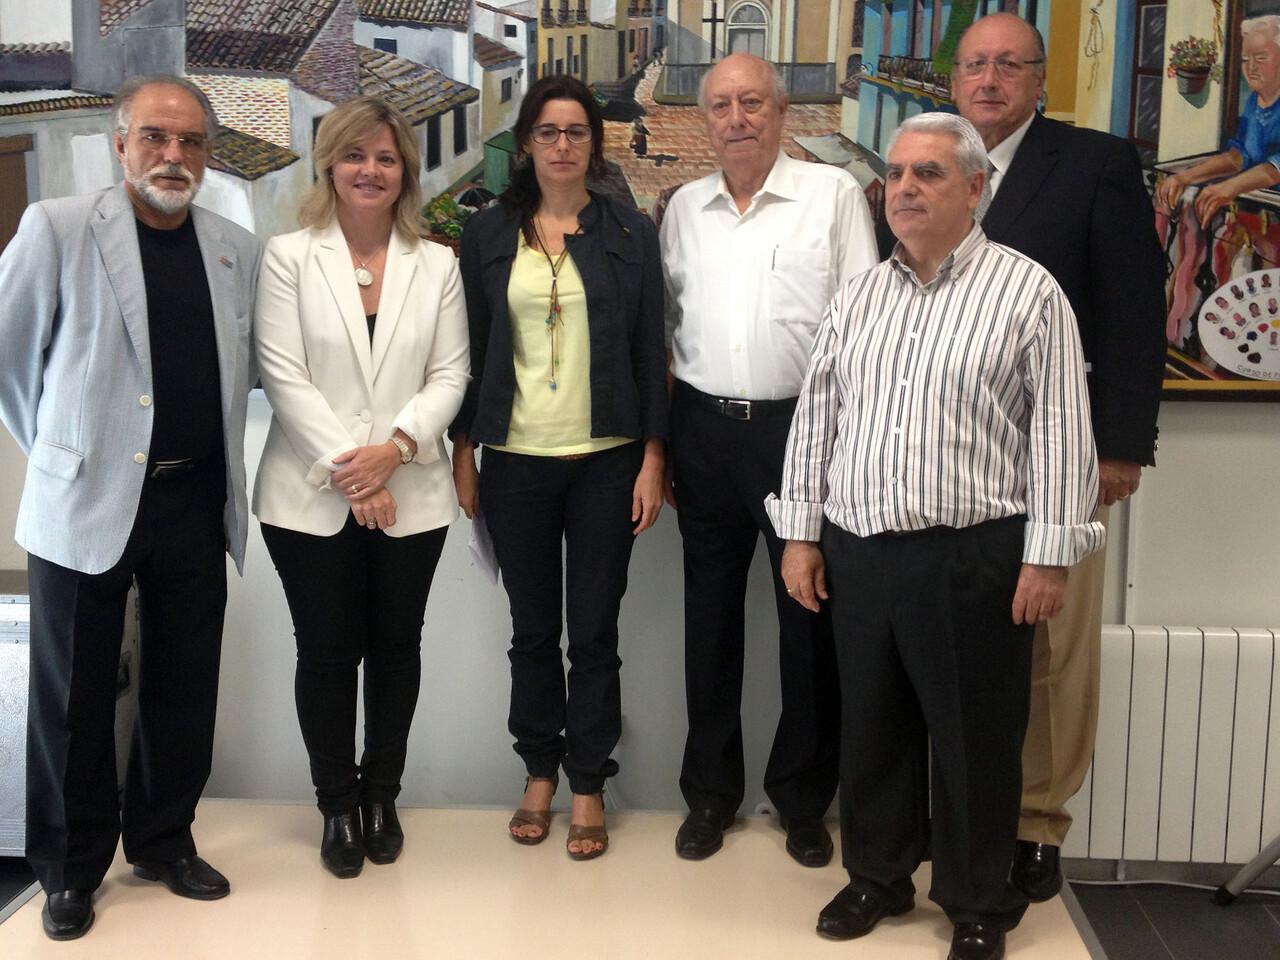 La concejala, el presidente de la Fundación y otros dirigentes en el centro de Benimaclet/ayto vlc